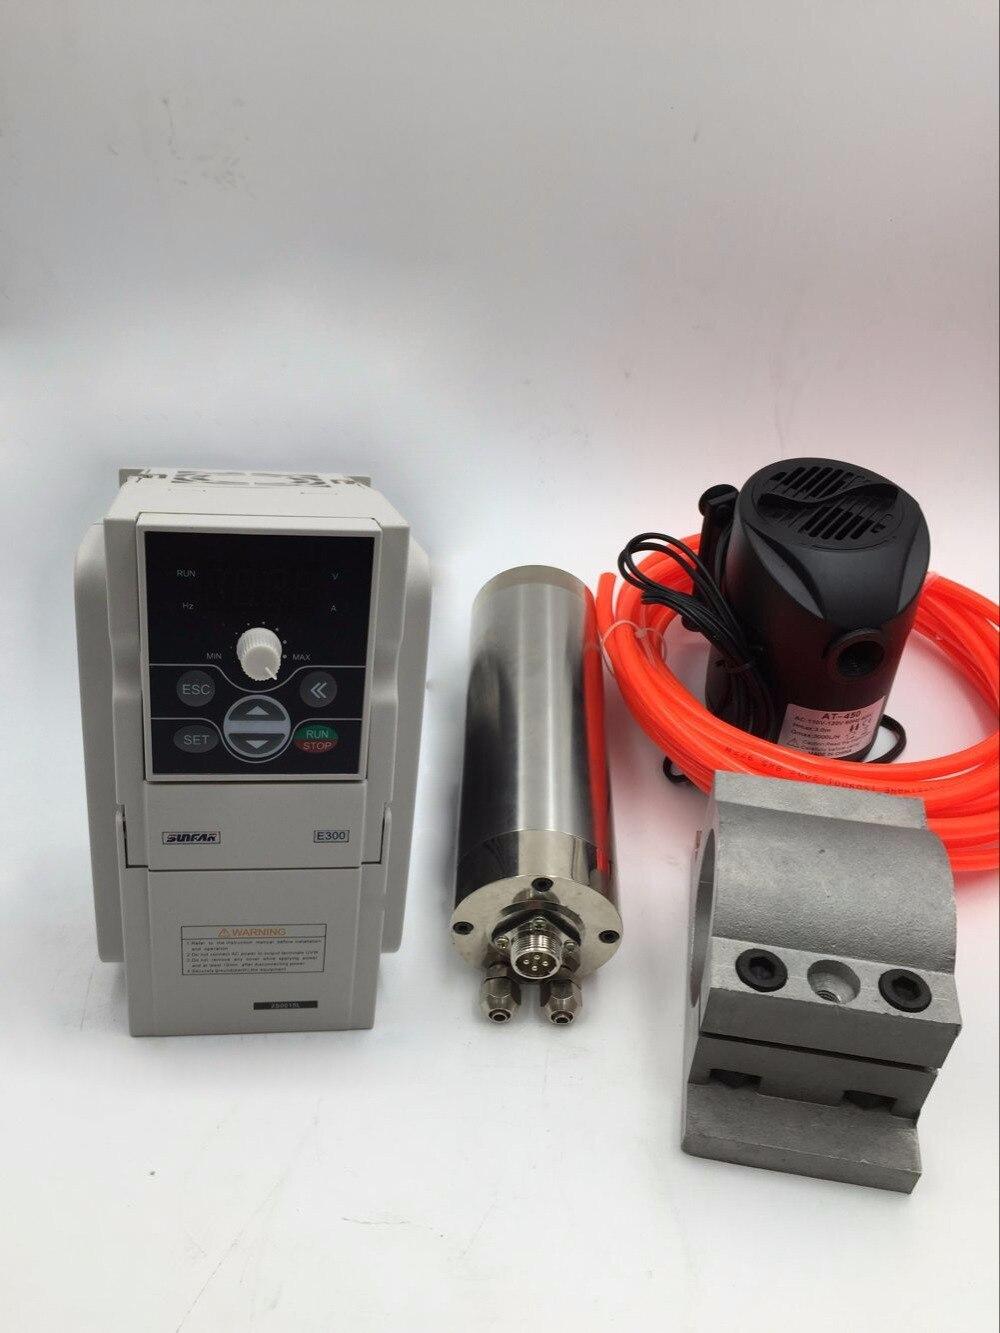 Шпиндель с водяным охлаждением  60000 об/мин  высокая скорость ER11 + 1 5 кВт VFD инвертор  драйвер  1 фаза  220 В фрезерный станок с ЧПУ  сверление